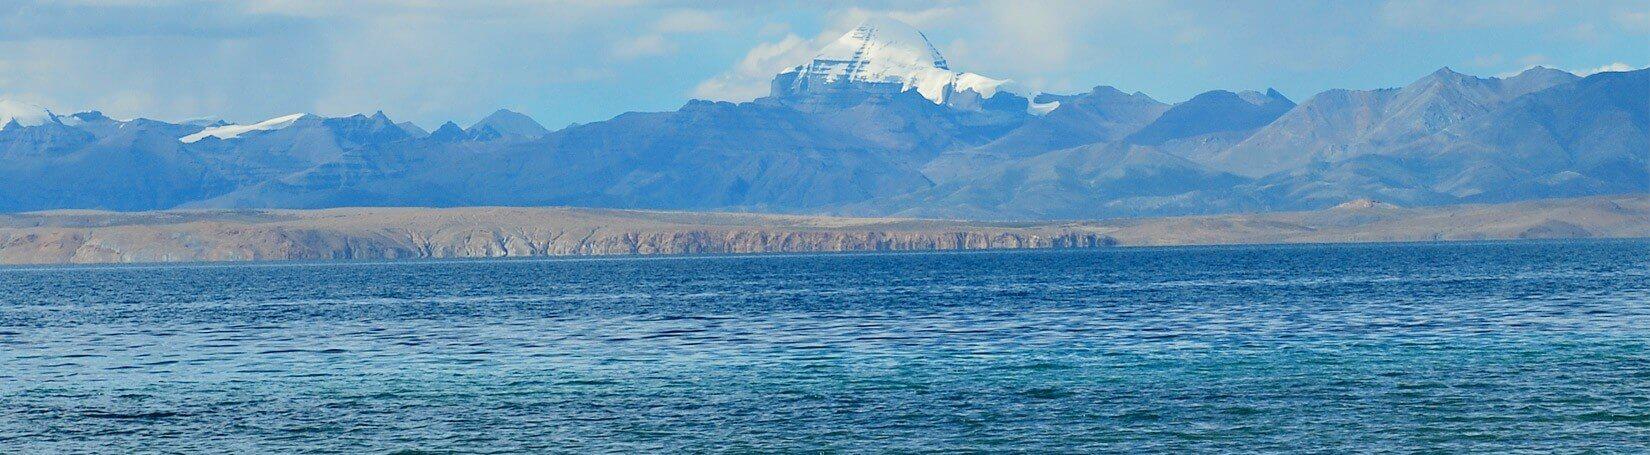 Lake Mansarovar and Mount Kailash view